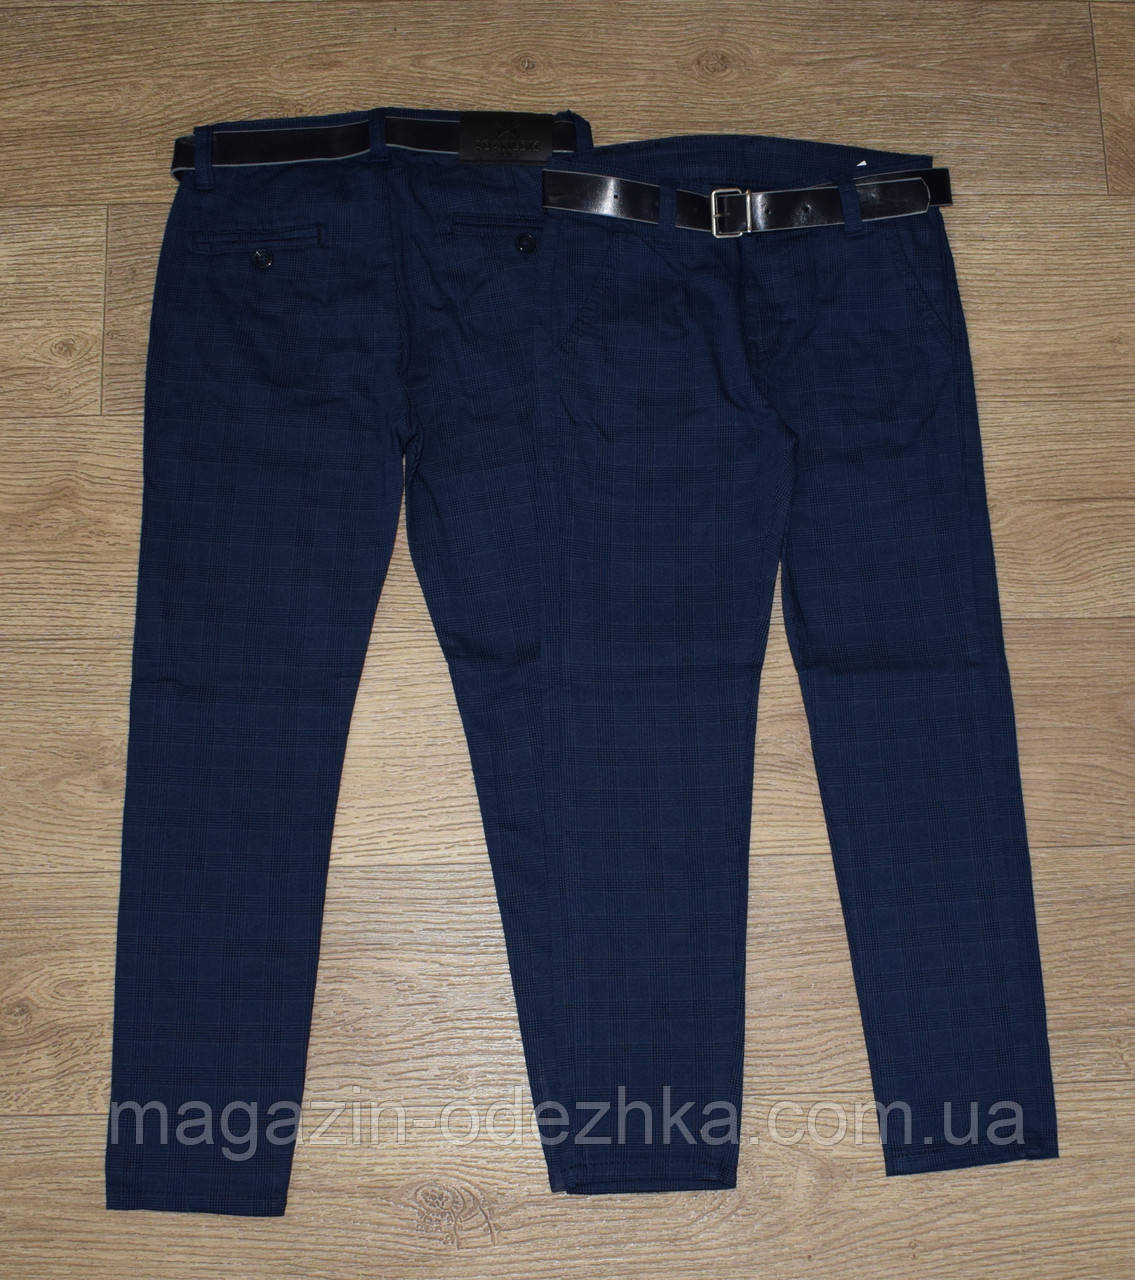 Школьные брюки  для мальчика на 11-15 лет